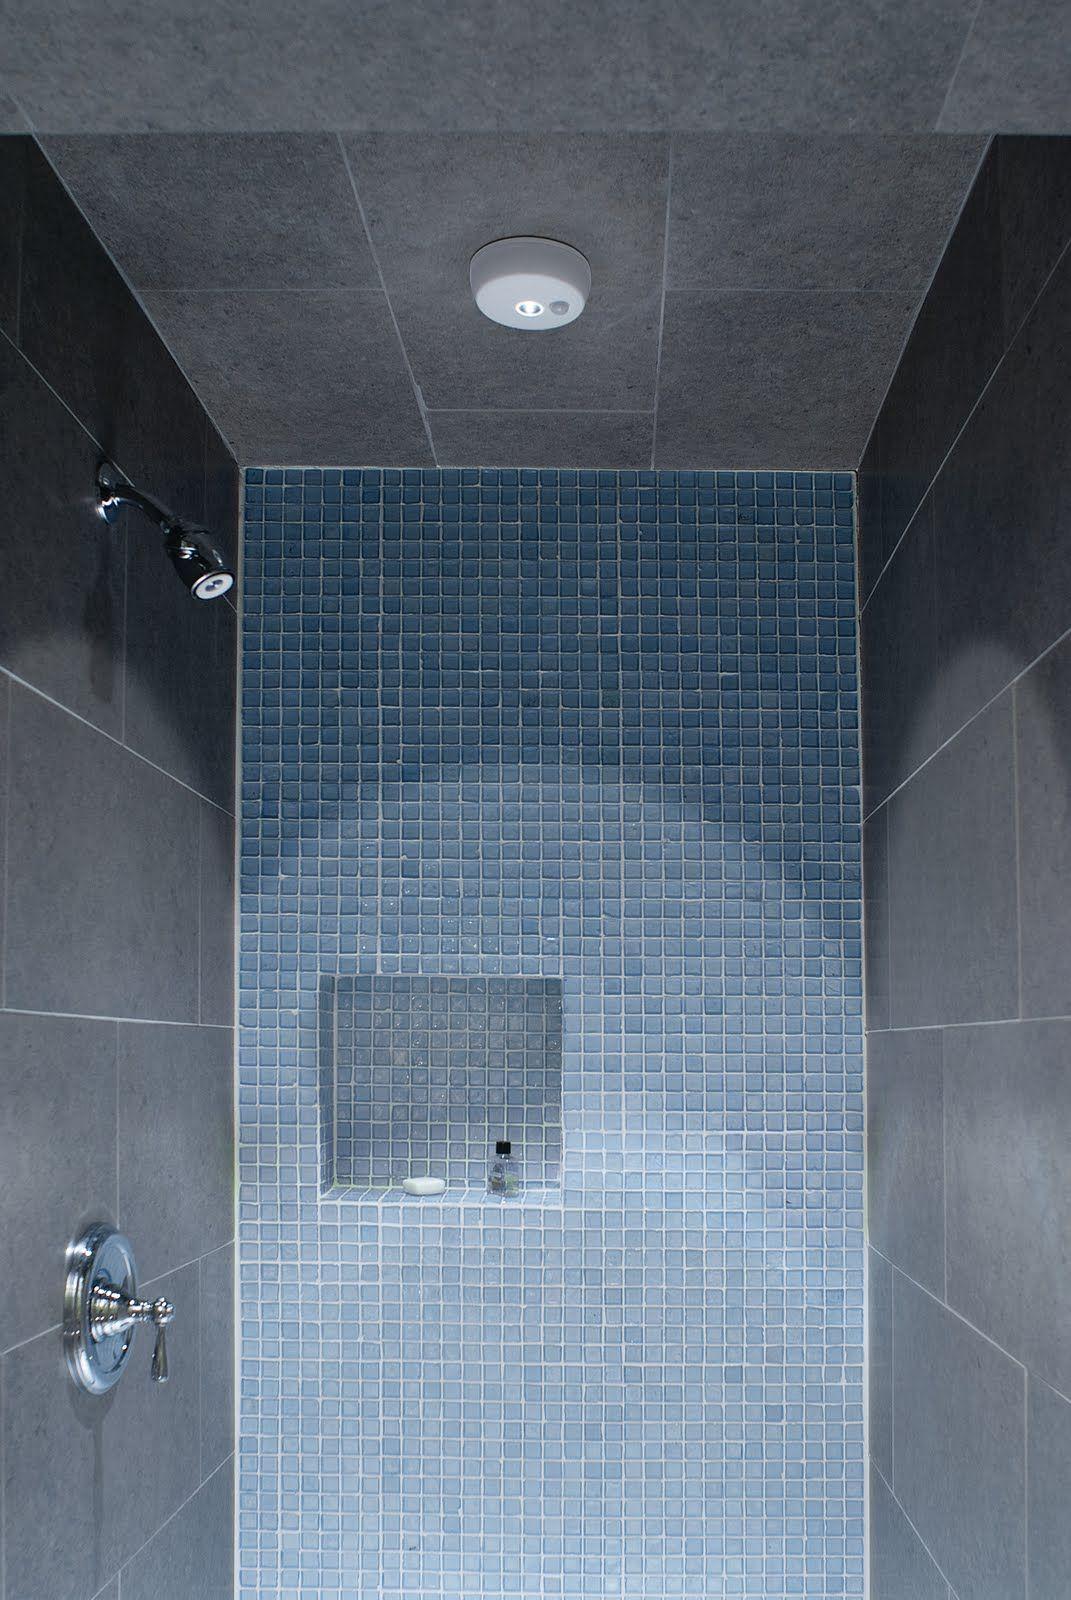 Recessed shelf in tile shower stall | New bathroom | Pinterest ...